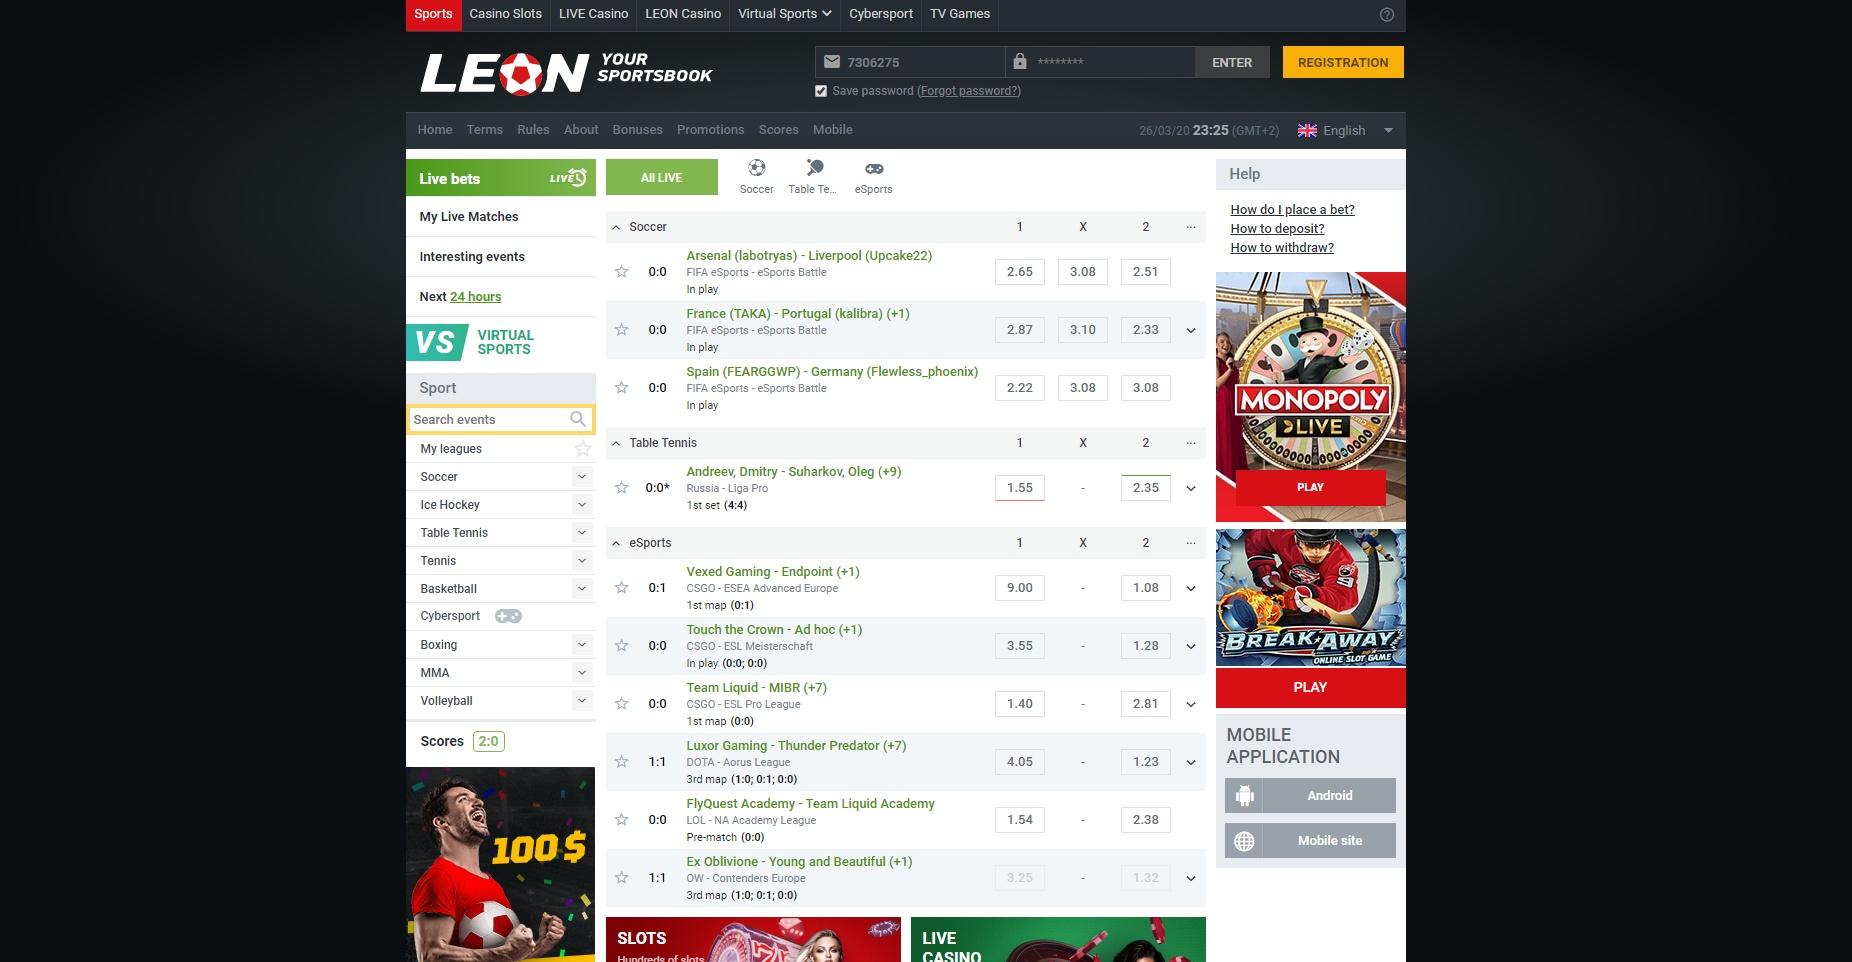 букмекерская контора Леон обзор сайта